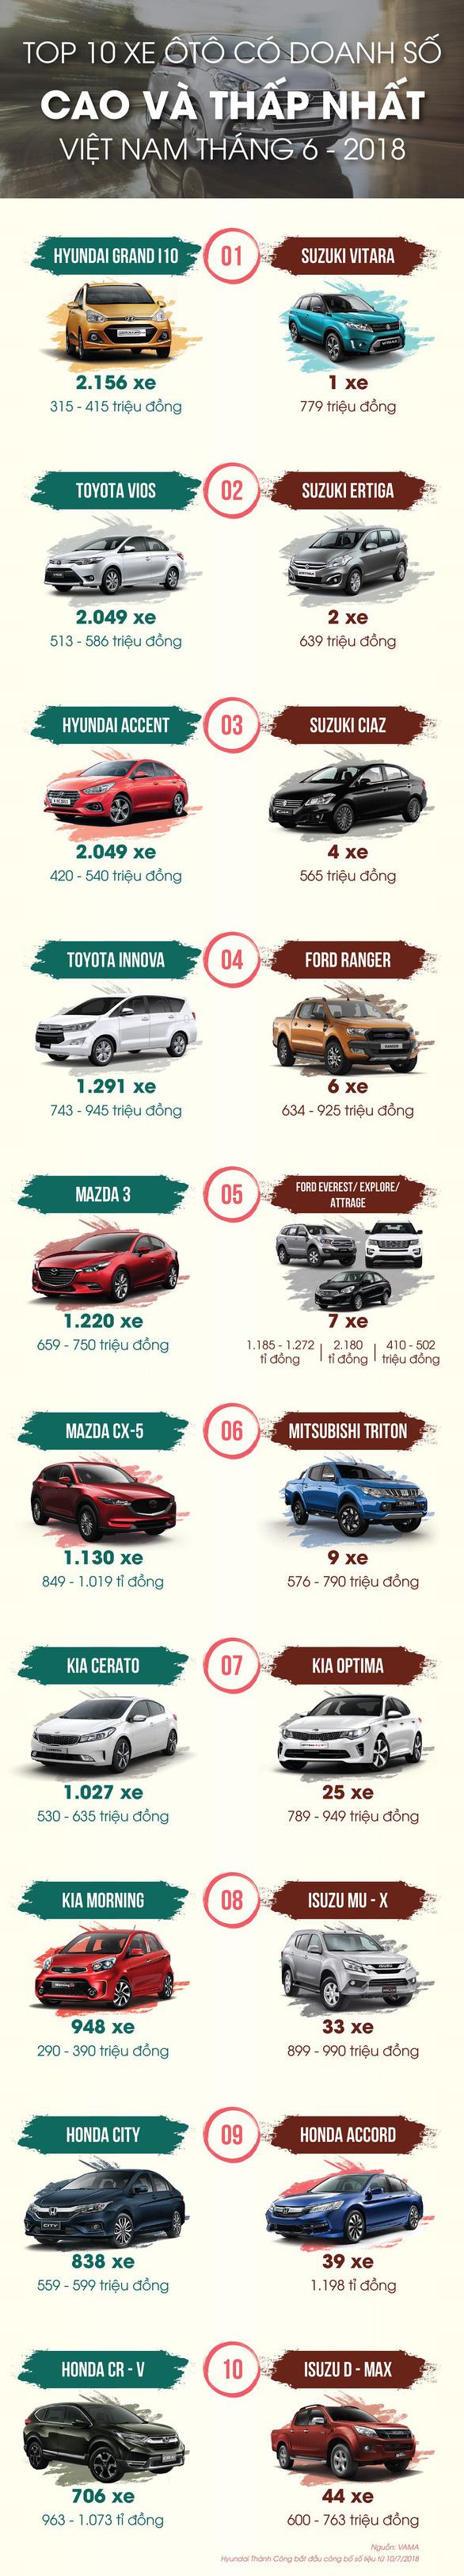 Top 10 xe ôtô có doanh số cao và thấp nhất tại Việt Nam tháng 6-2018 - Ảnh 1.